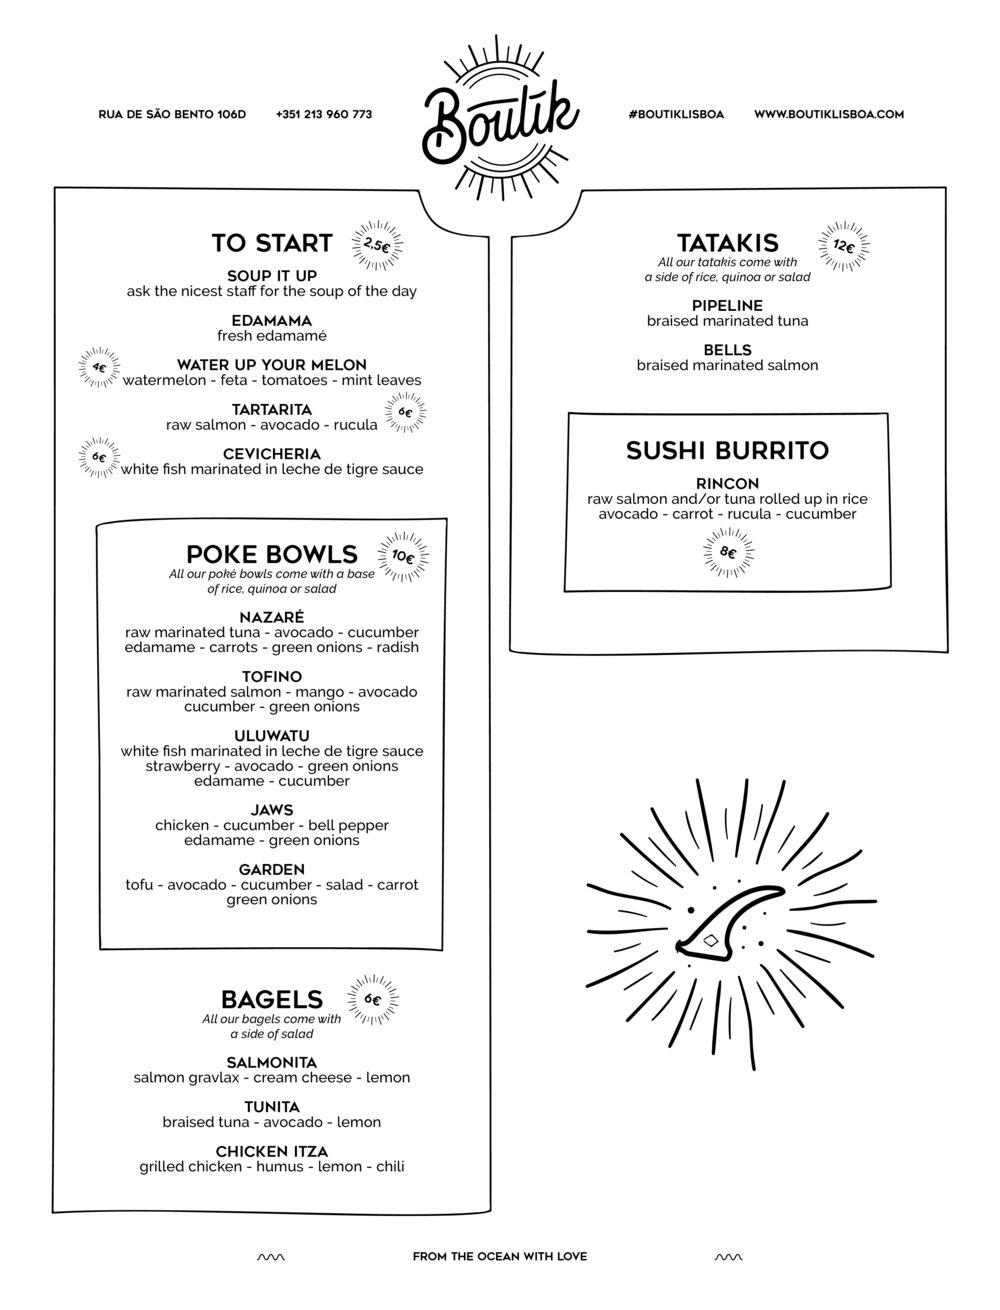 boutik_menu_eng_3.jpg